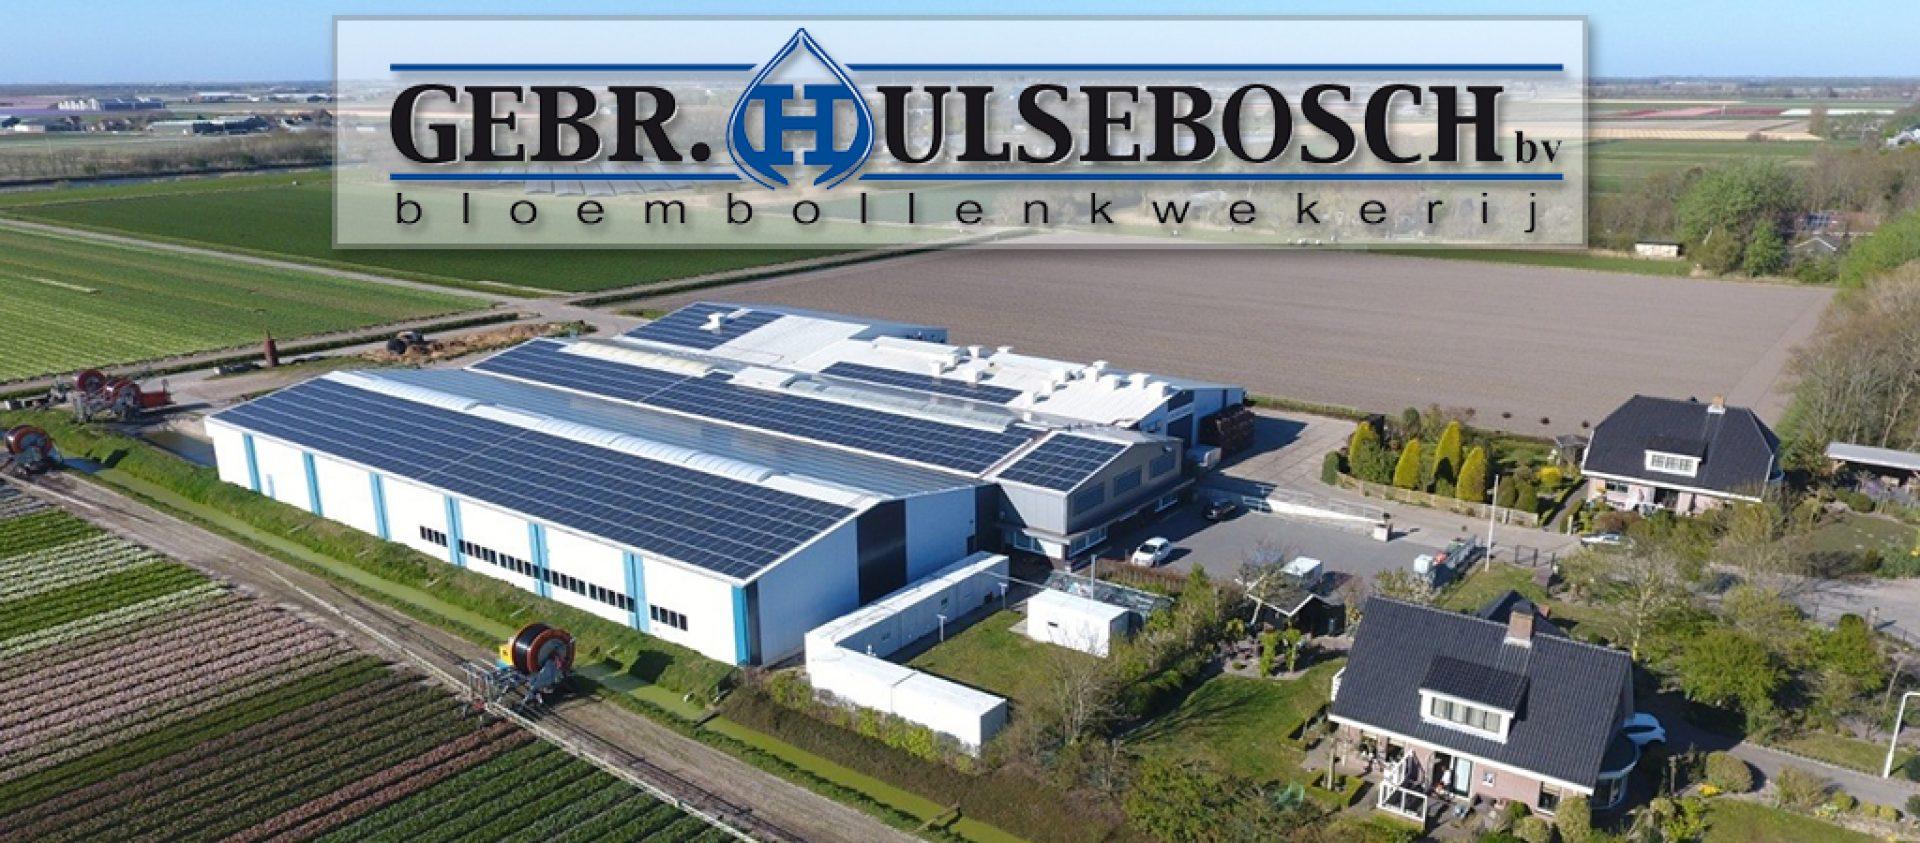 Gebroeders Hulsebosch